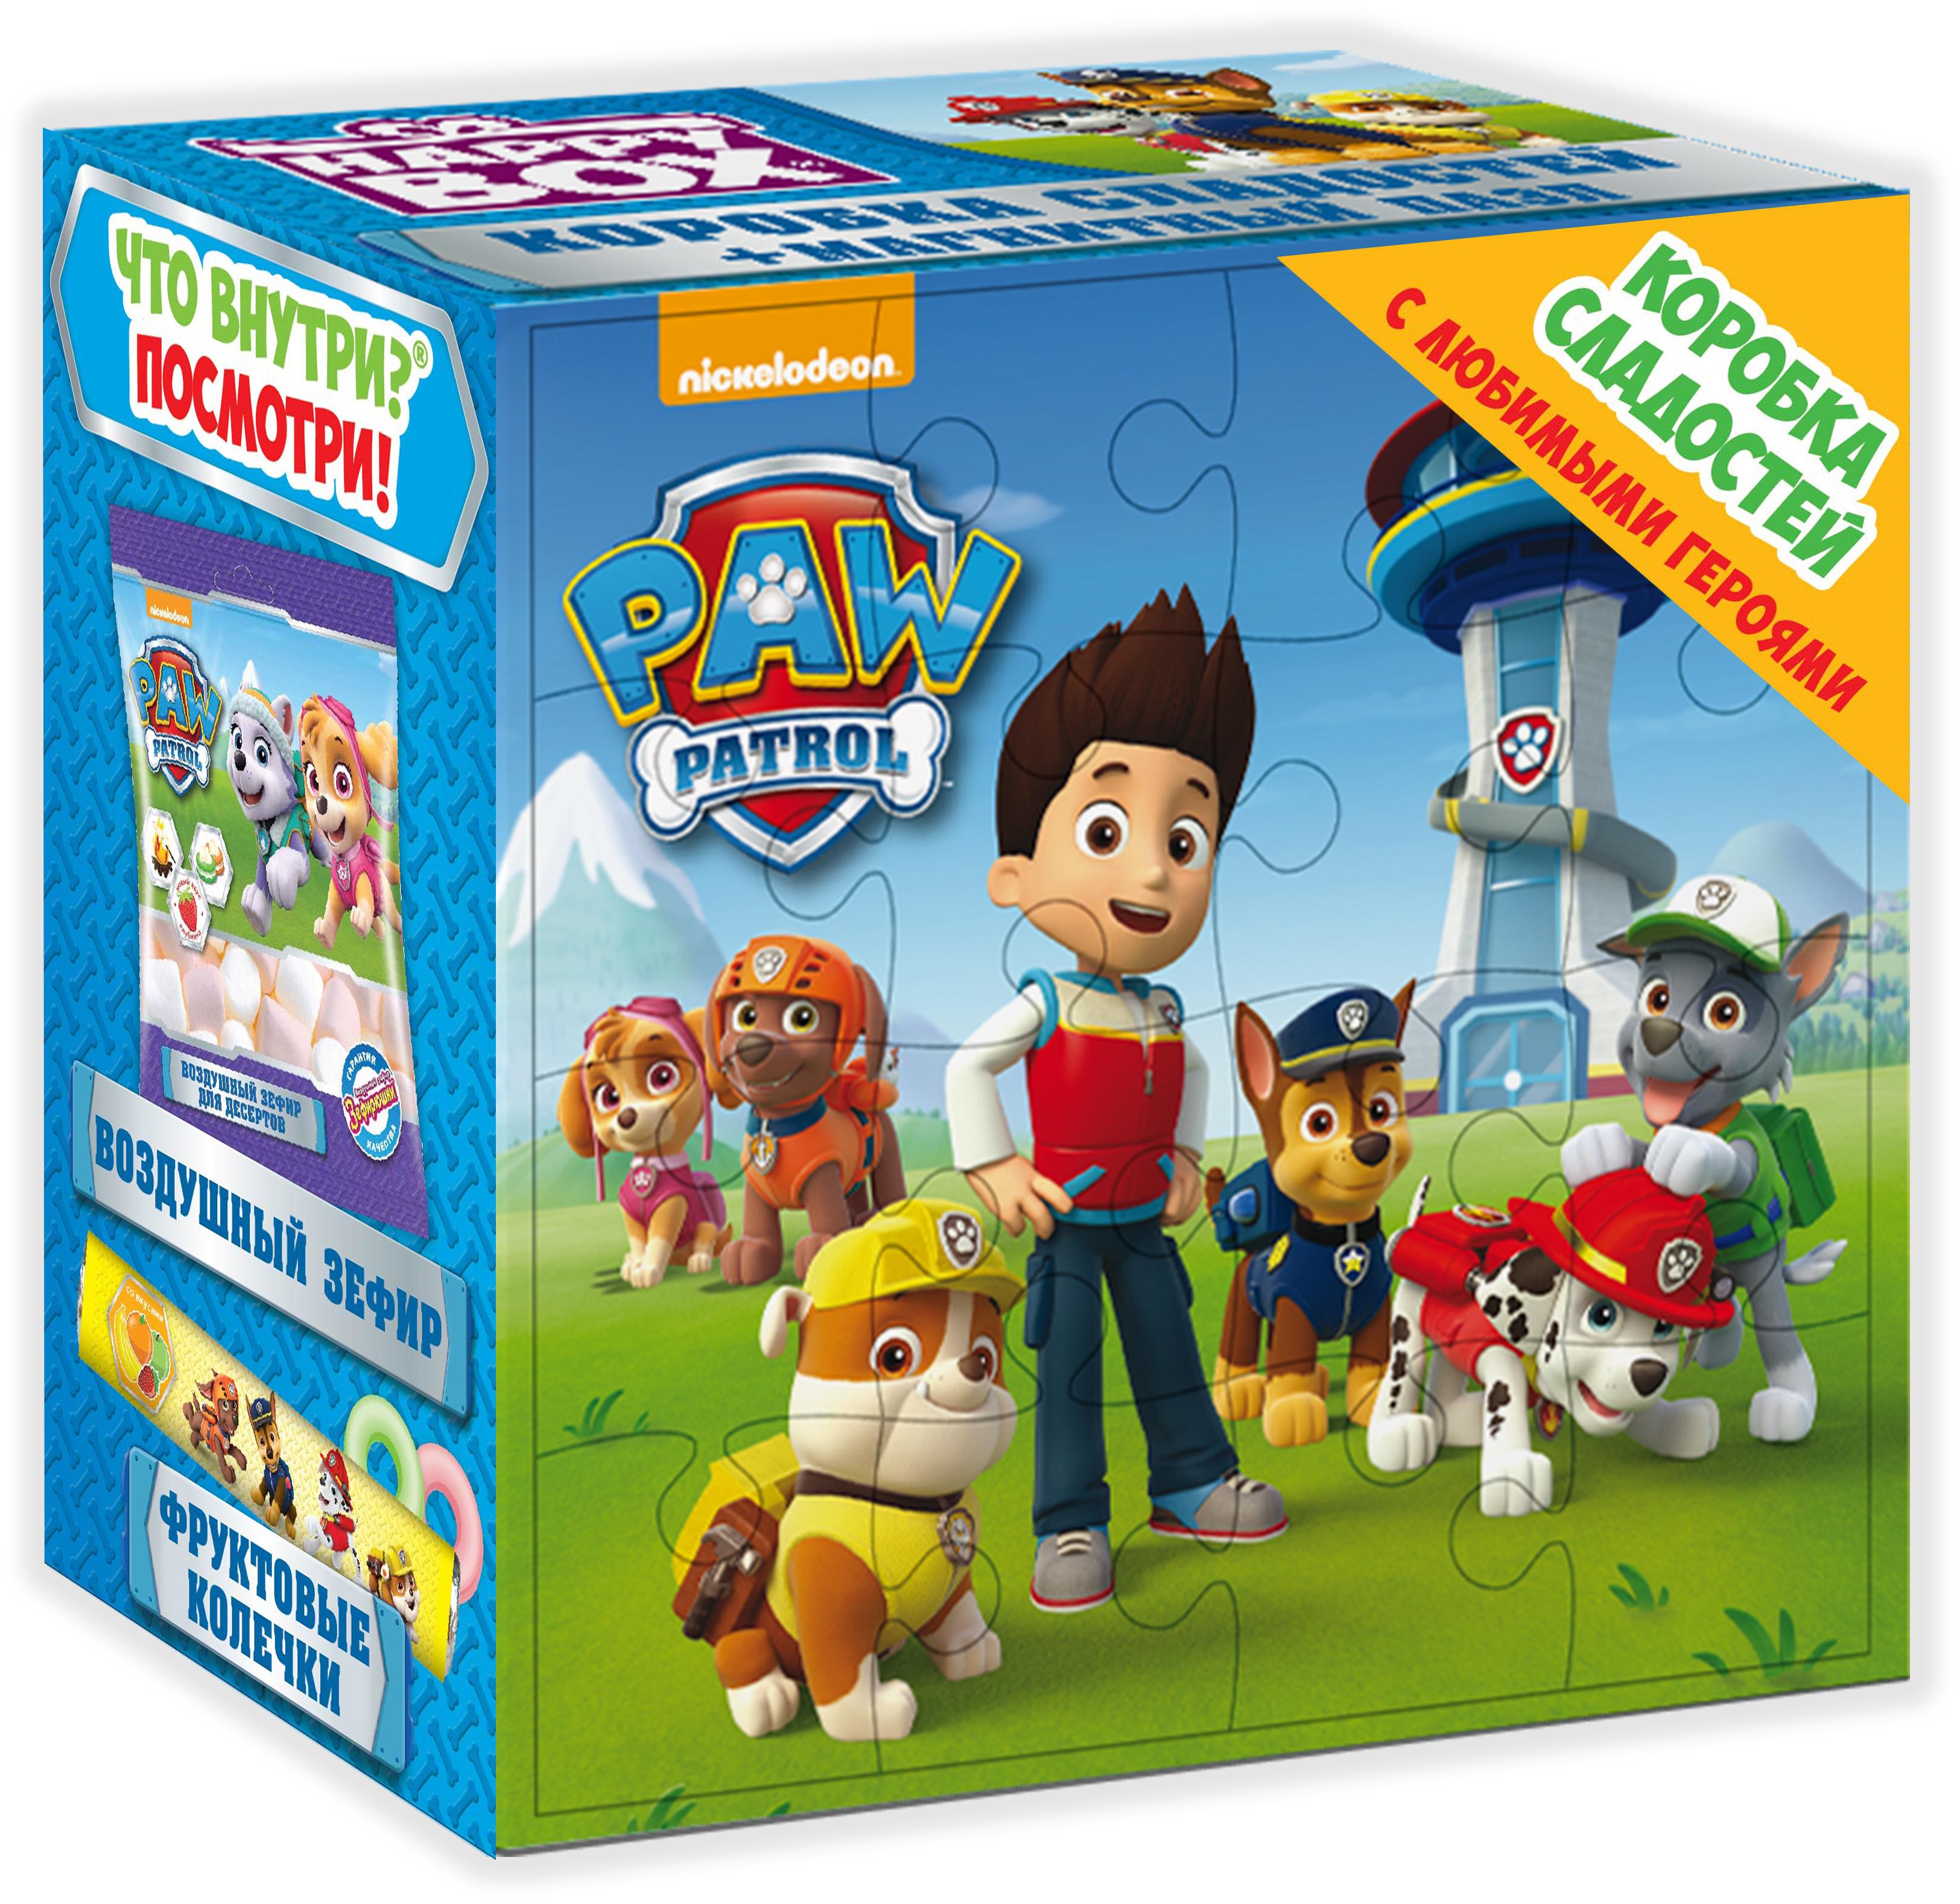 Кондитерское изделие Happy Box Коробка сладостей набор сладостей с вашим текстом сладкая коробка